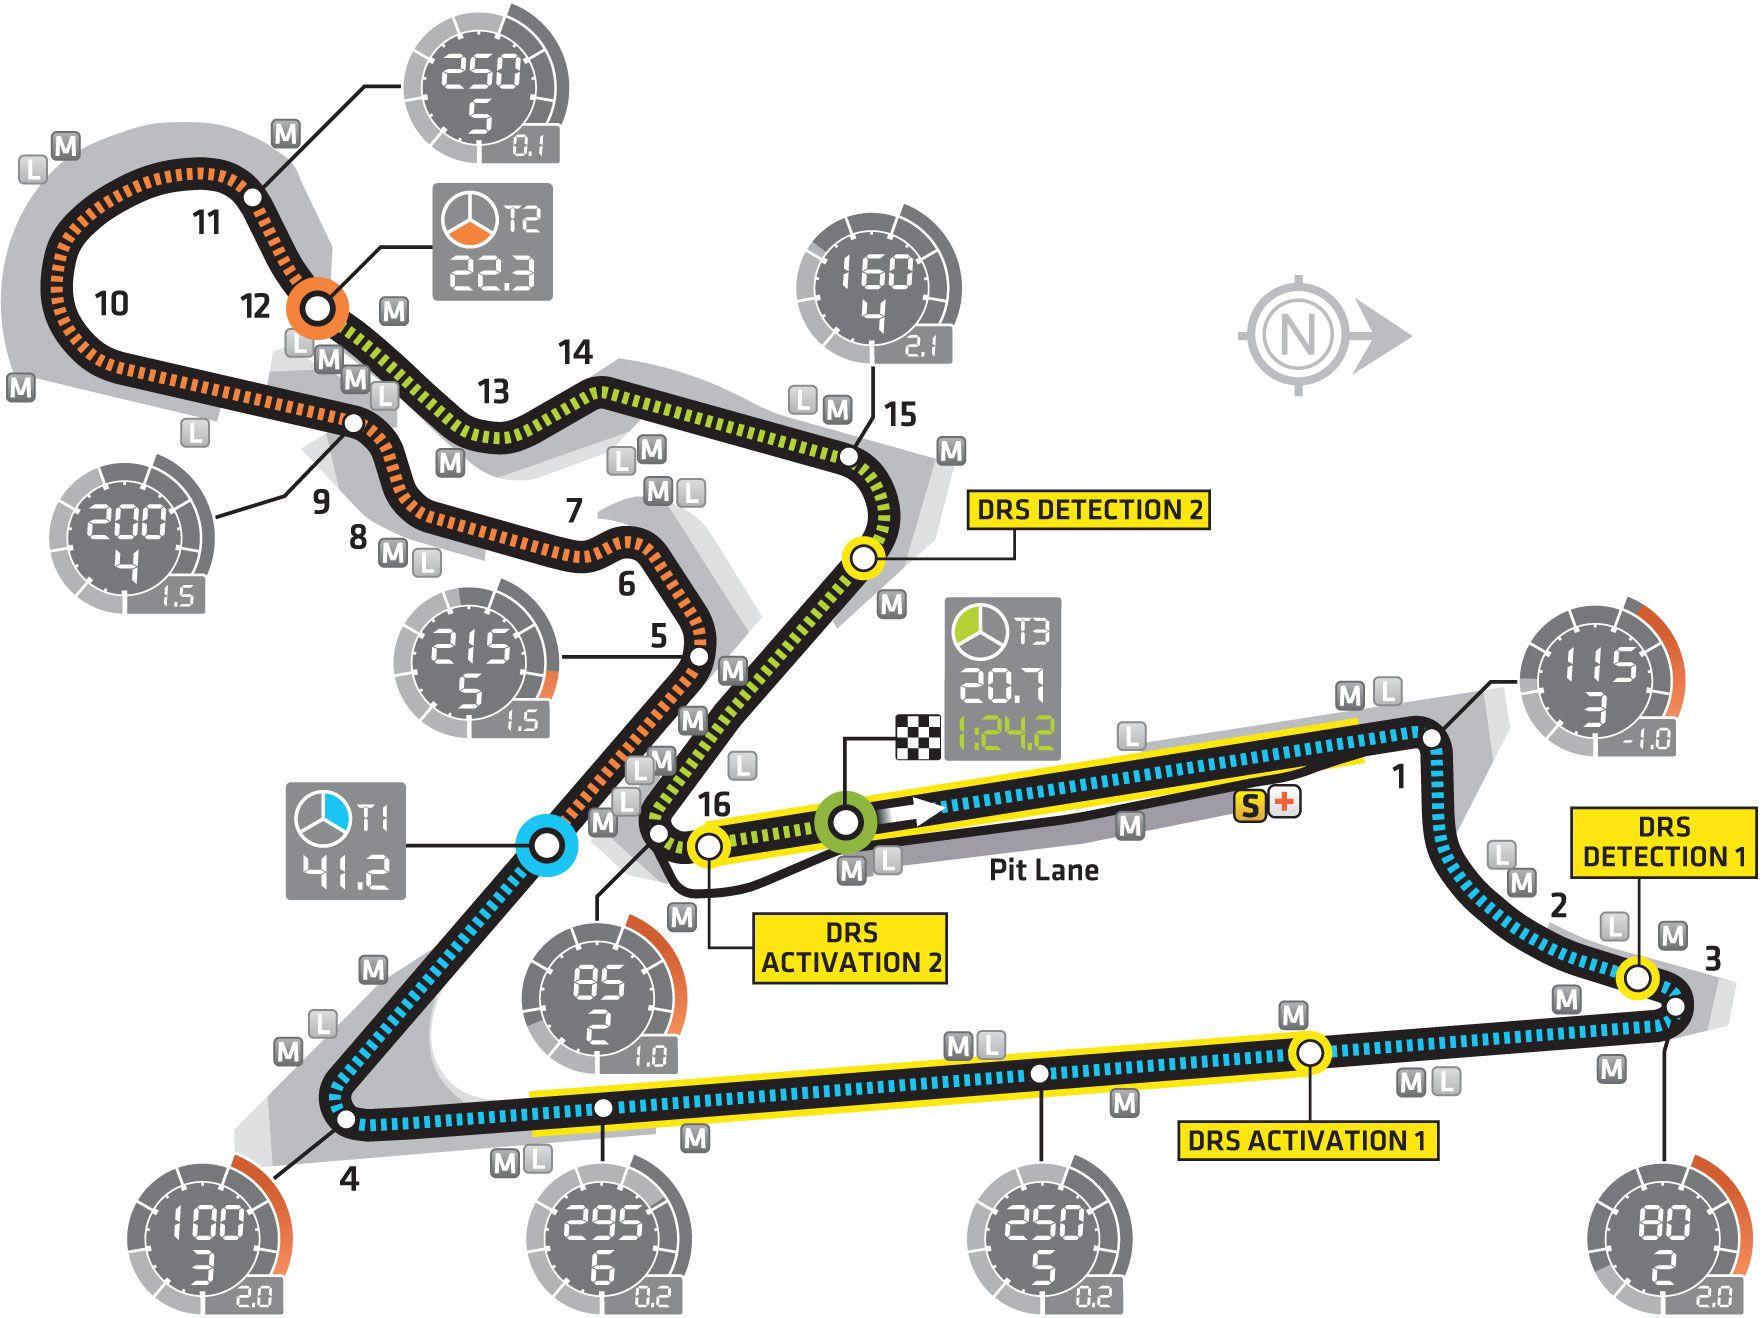 buddh international circuit layout \u0026 records formula 1 ideasbuddh international circuit layout \u0026 records